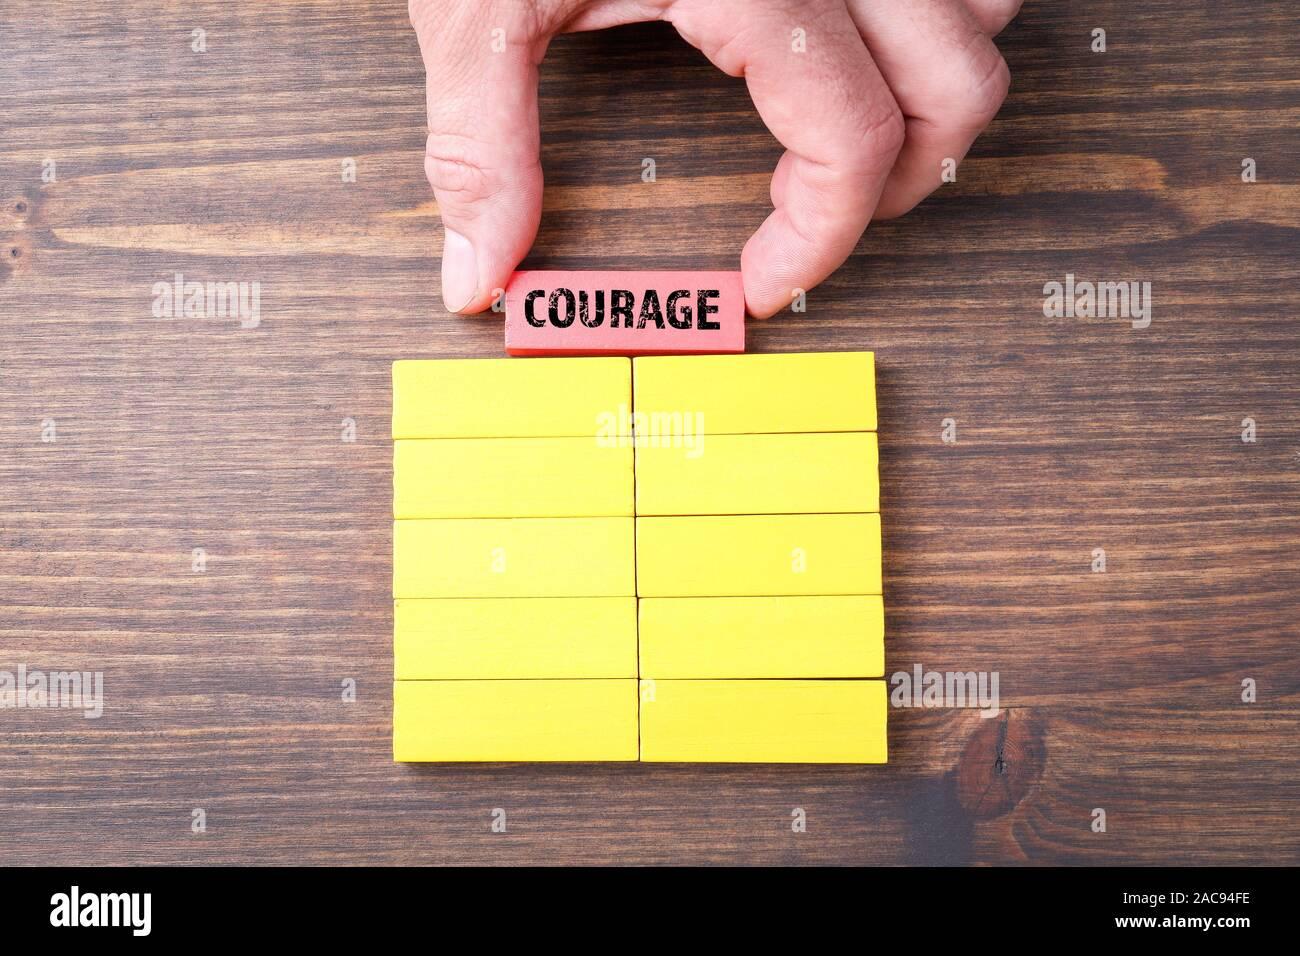 Coraje. Liderazgo, Responsabilidad, inspiración y motivación concepto. Coloridos bloques de madera Foto de stock